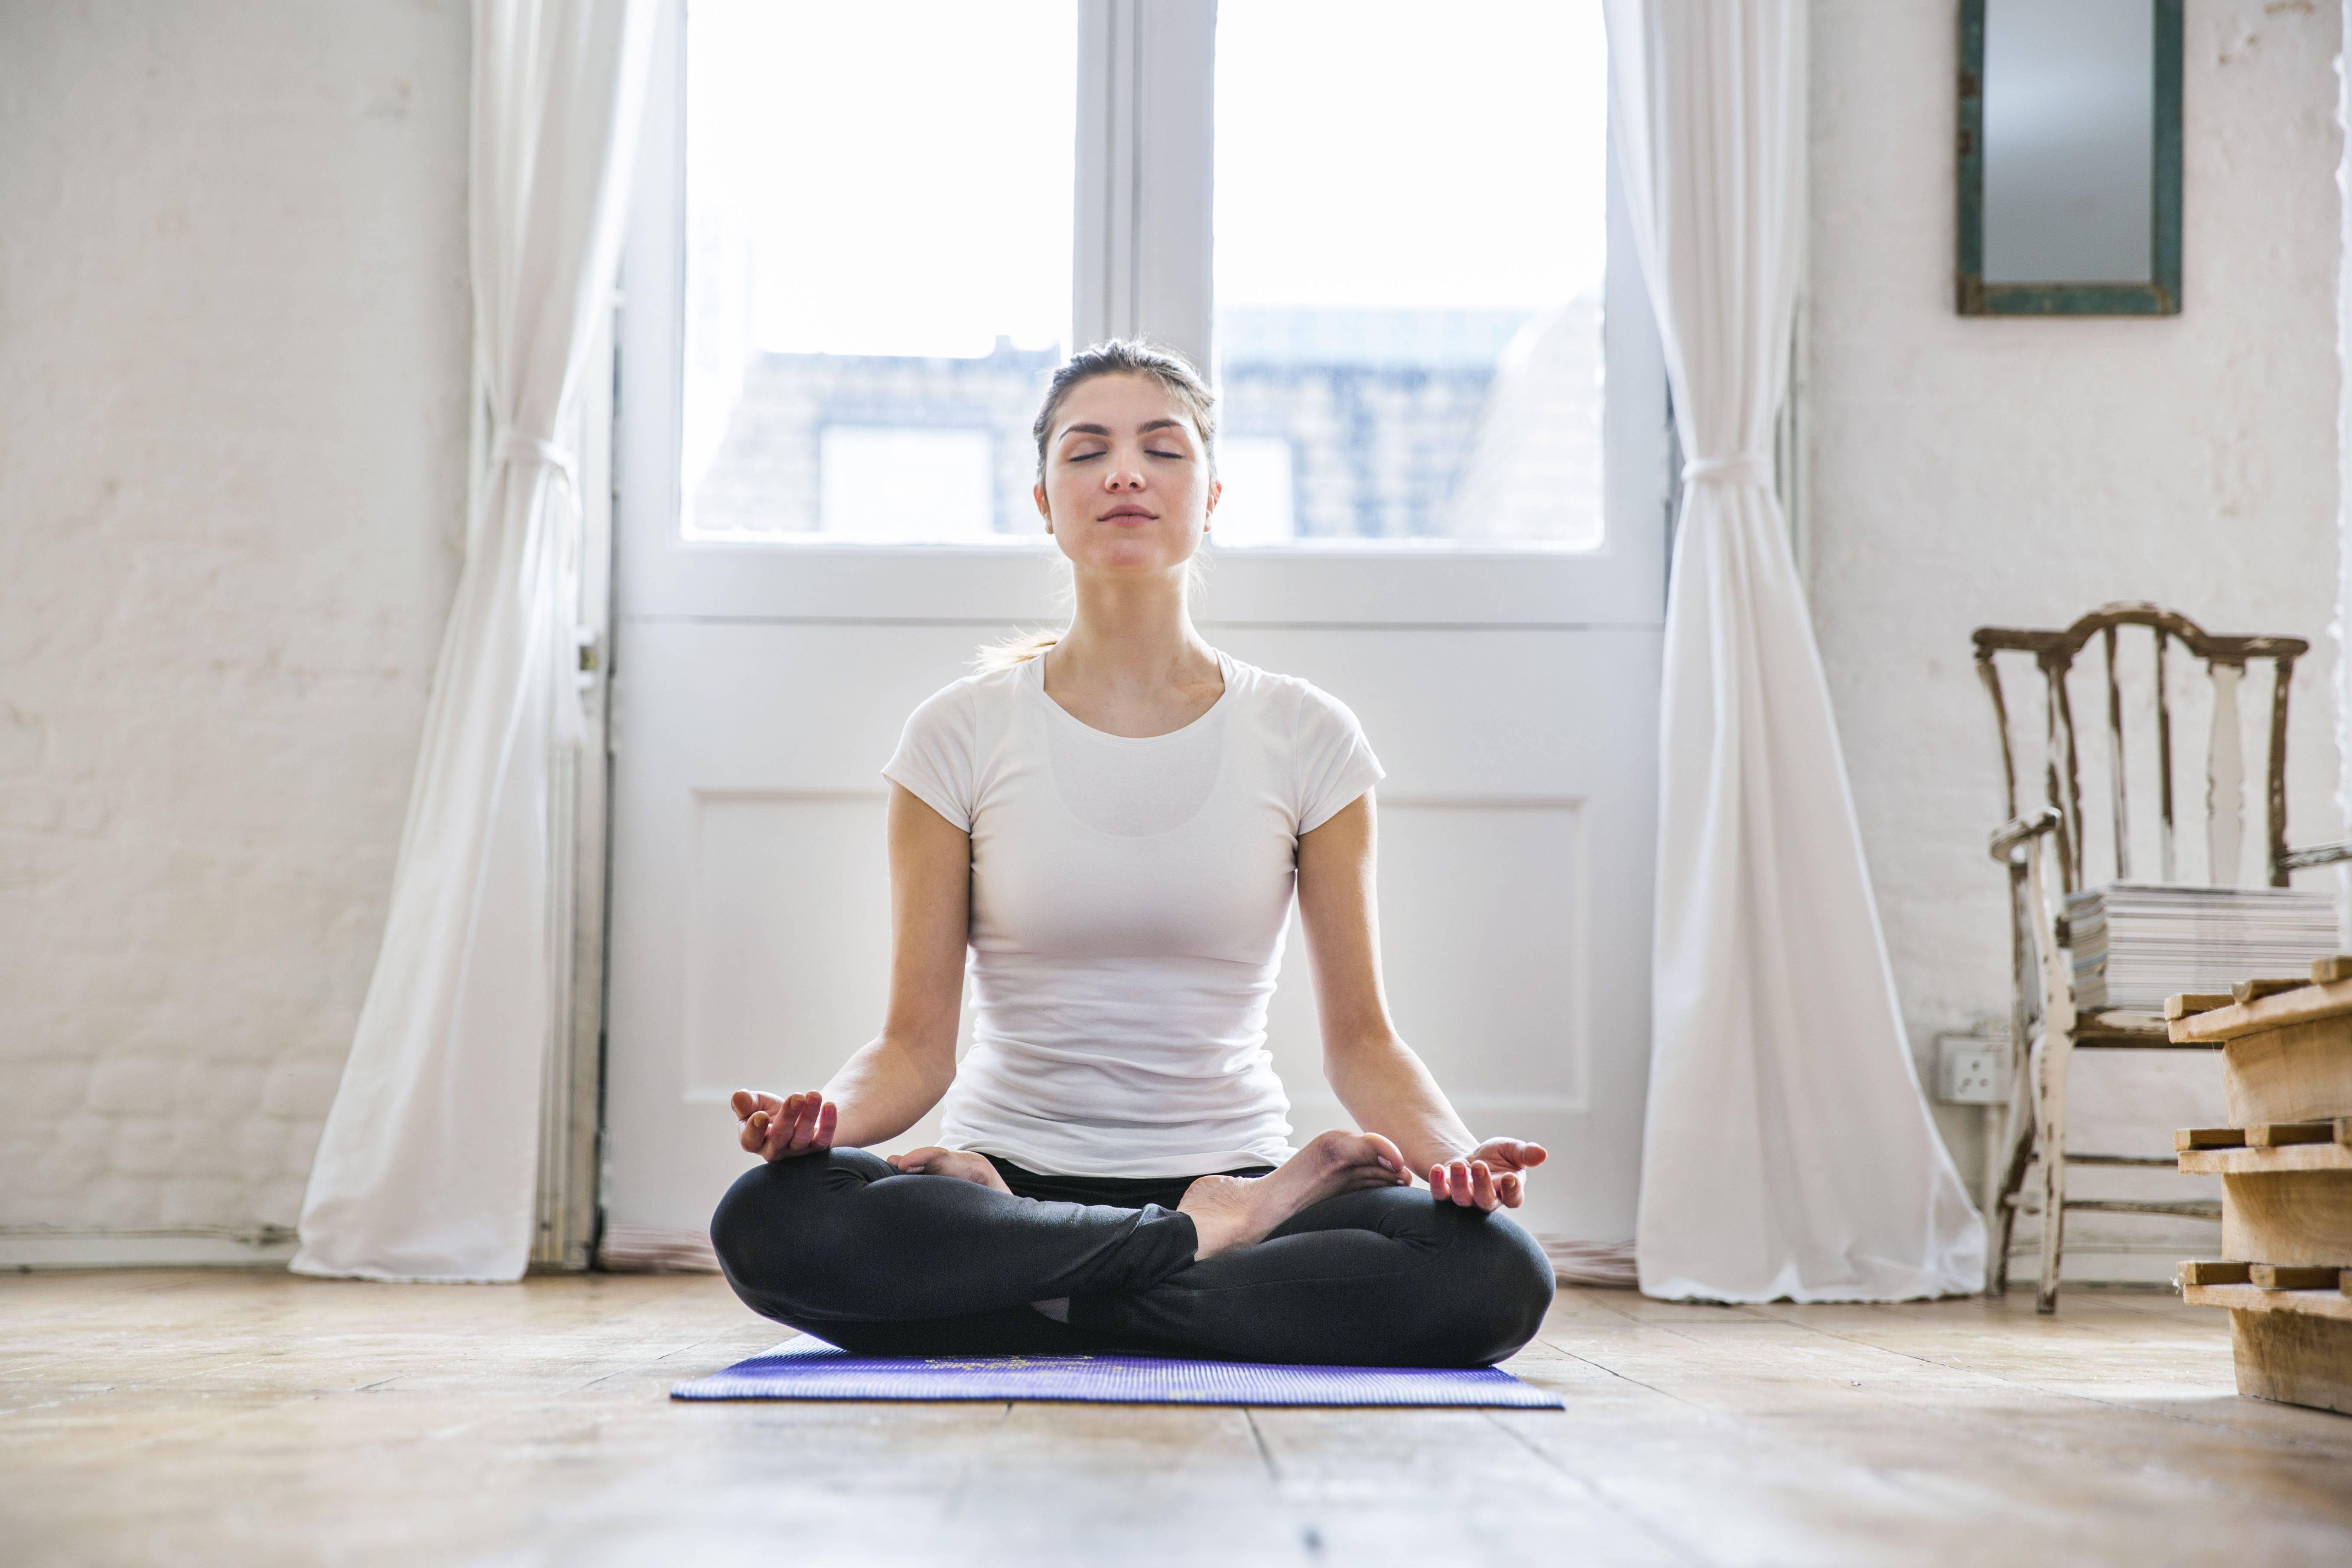 Йога практика - как начать заниматься дома с нуля